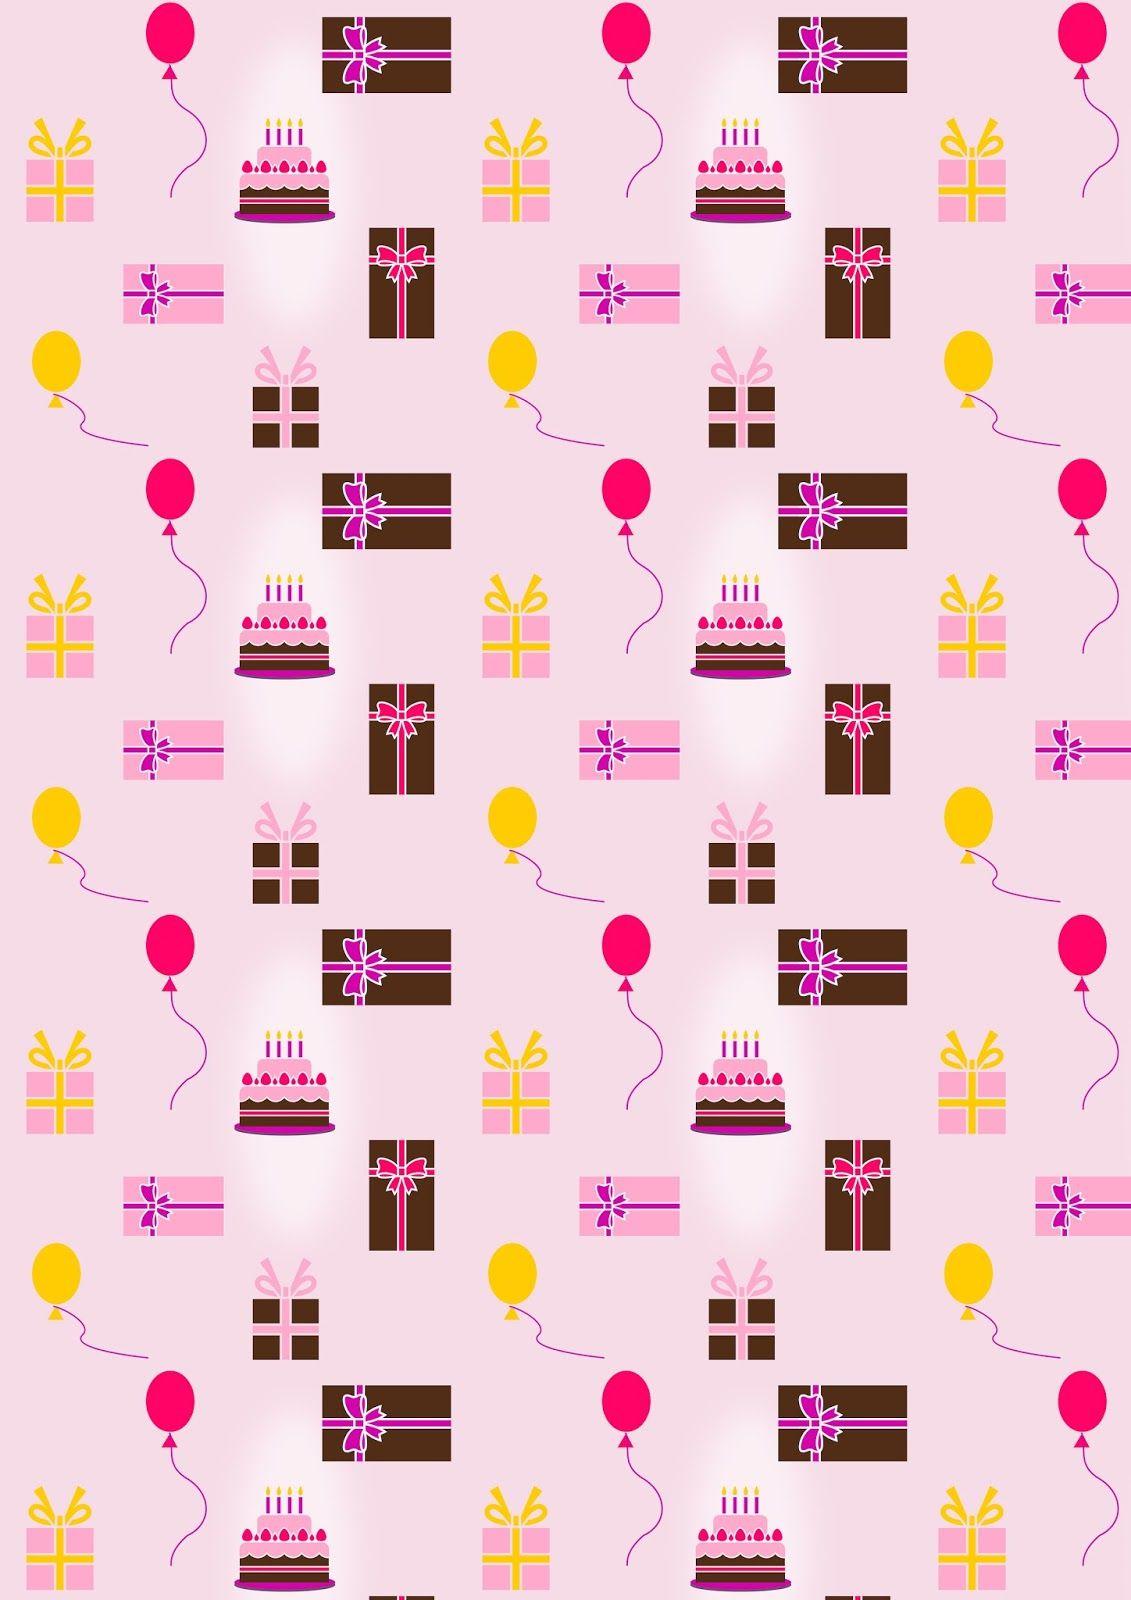 Free Digital Birthday Scrapbooking Paper Ausdruckbares Geschenkpapier Freebie Meinl Printable Paper Patterns Paper Pattern Free Printable Scrapbook Paper